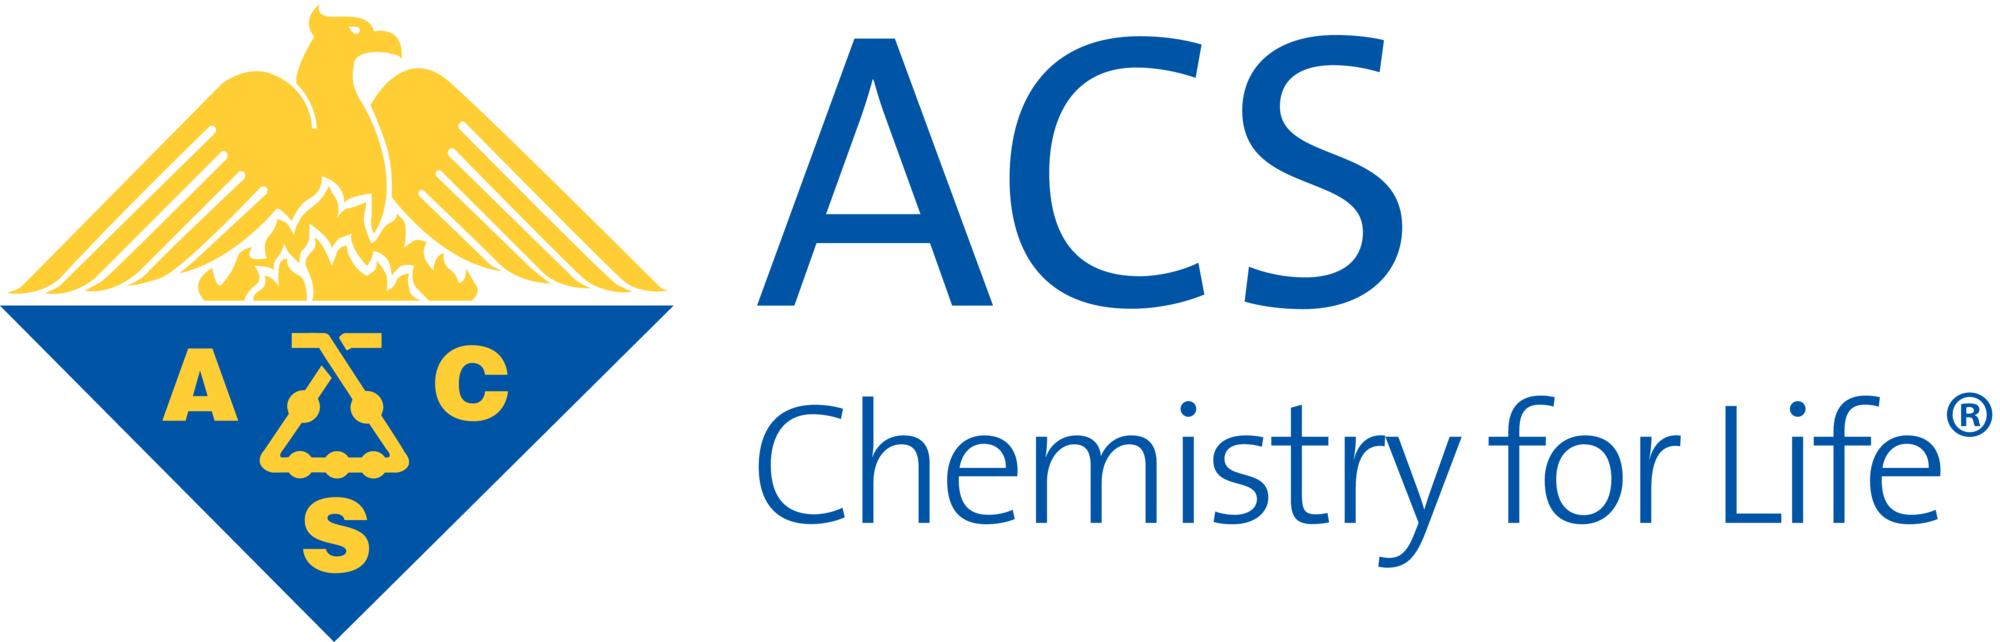 ACS honors its 50-year members